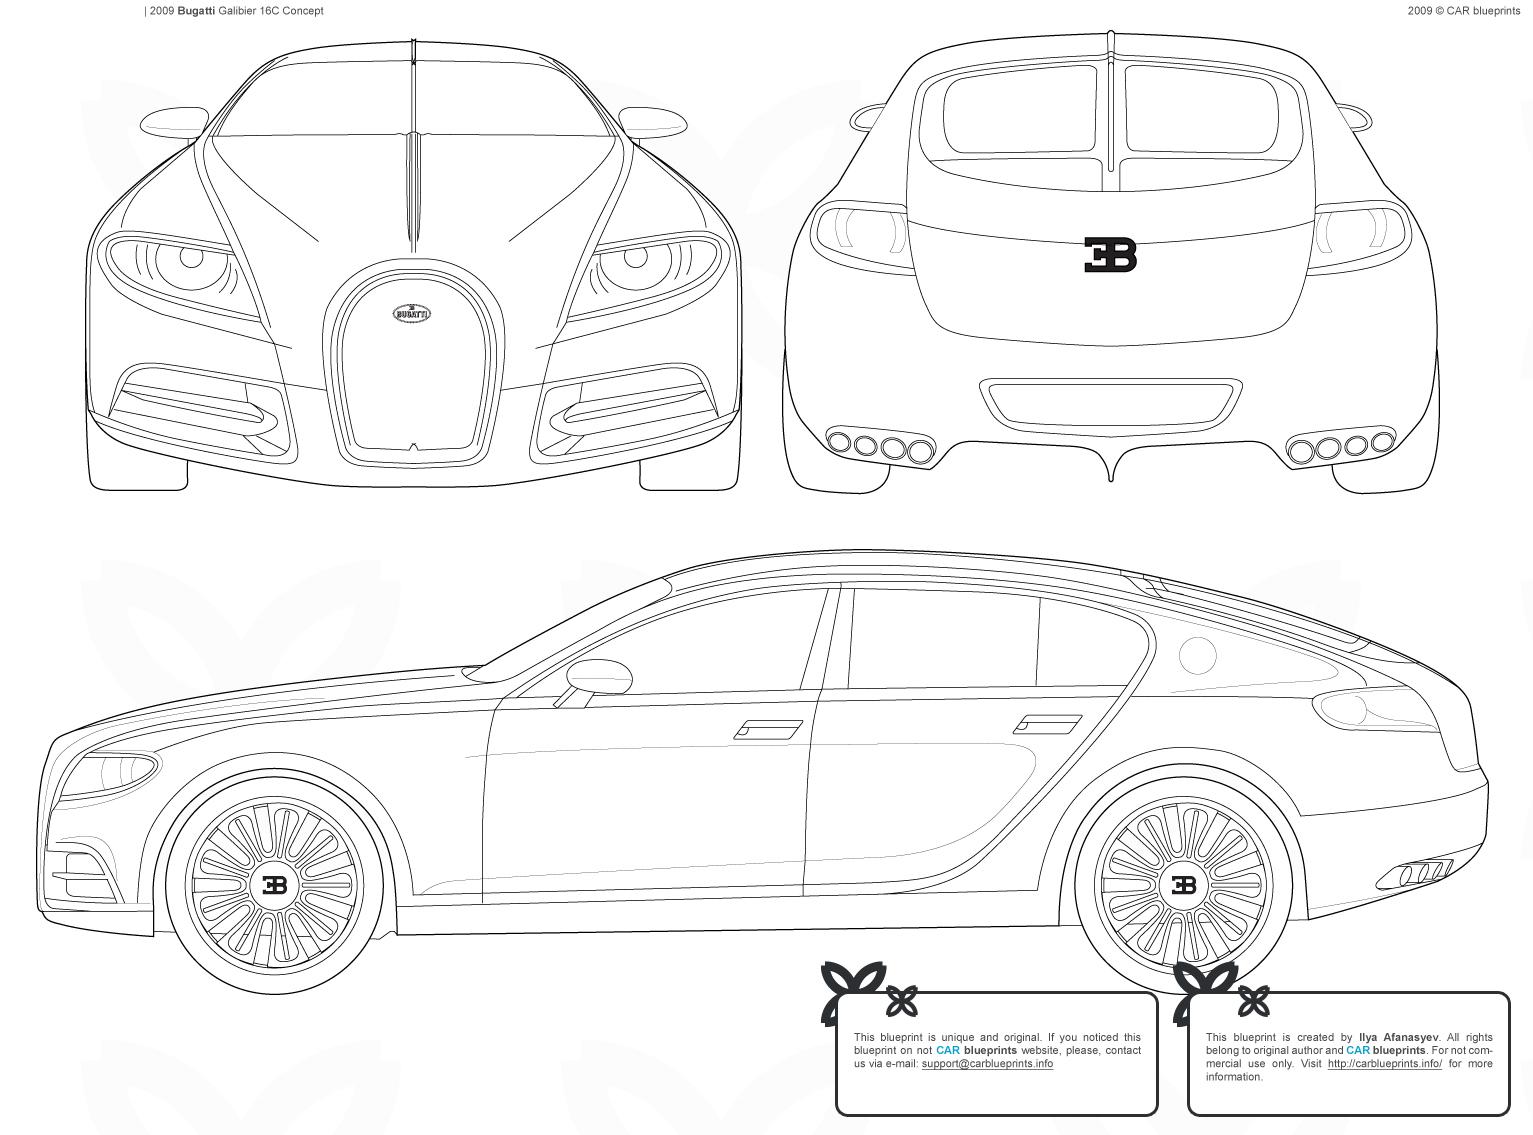 Sports Car News Blueprints